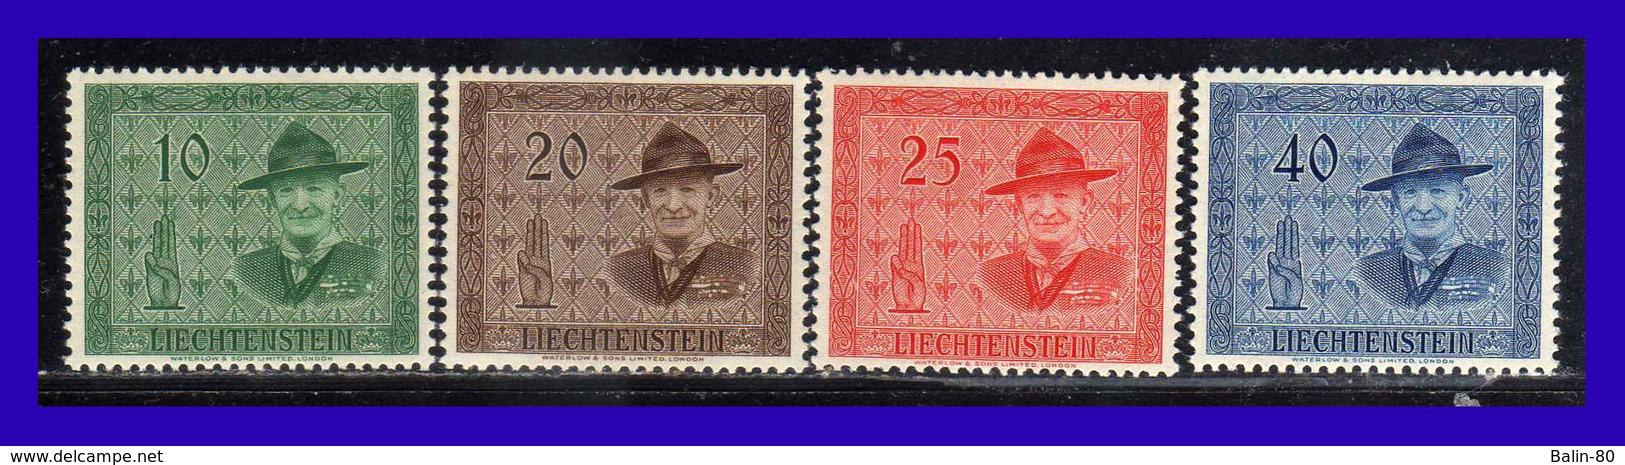 1953 - Liechtenstien - Sc. 270 - 273 - MNH - LI - 194 - 137 - Liechtenstein